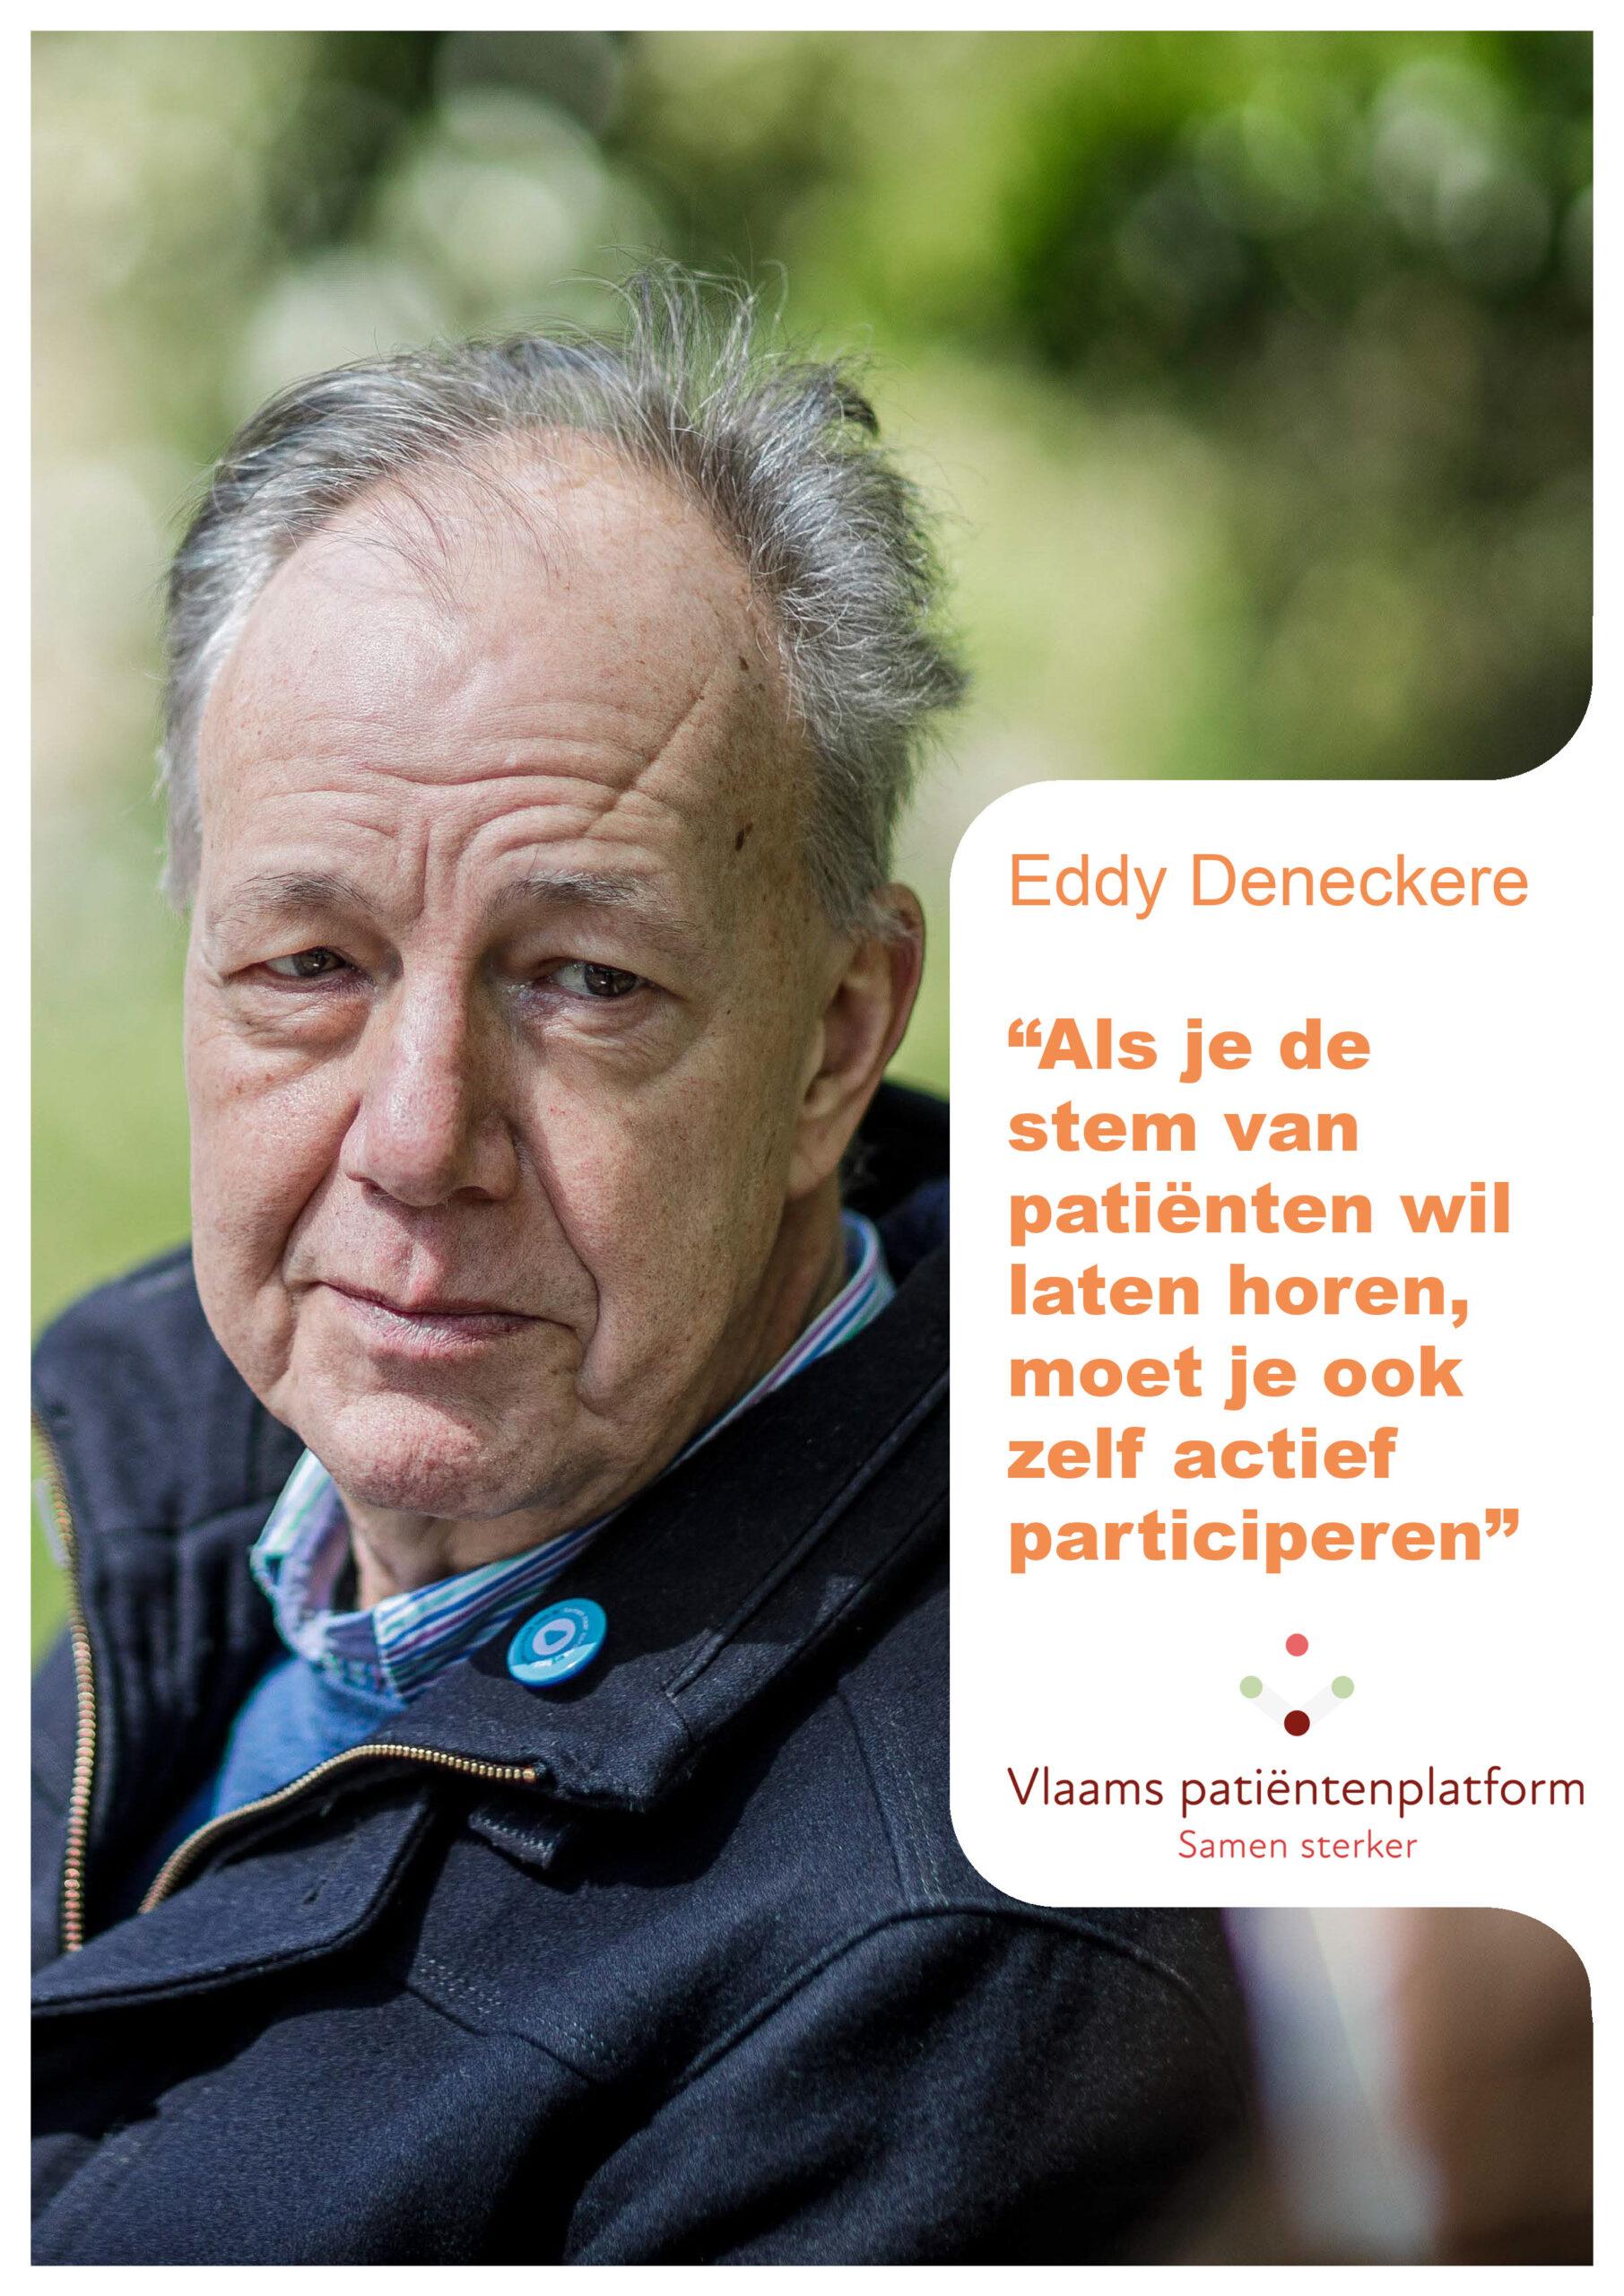 Vlaams Patientenplatform interviewt Eddy Deneckere als gedreven voorzitter van patientenvereniging NET & MEN Kanker - Samenspraak, nieuwsbrief VPP, nummer 108, juni 2021